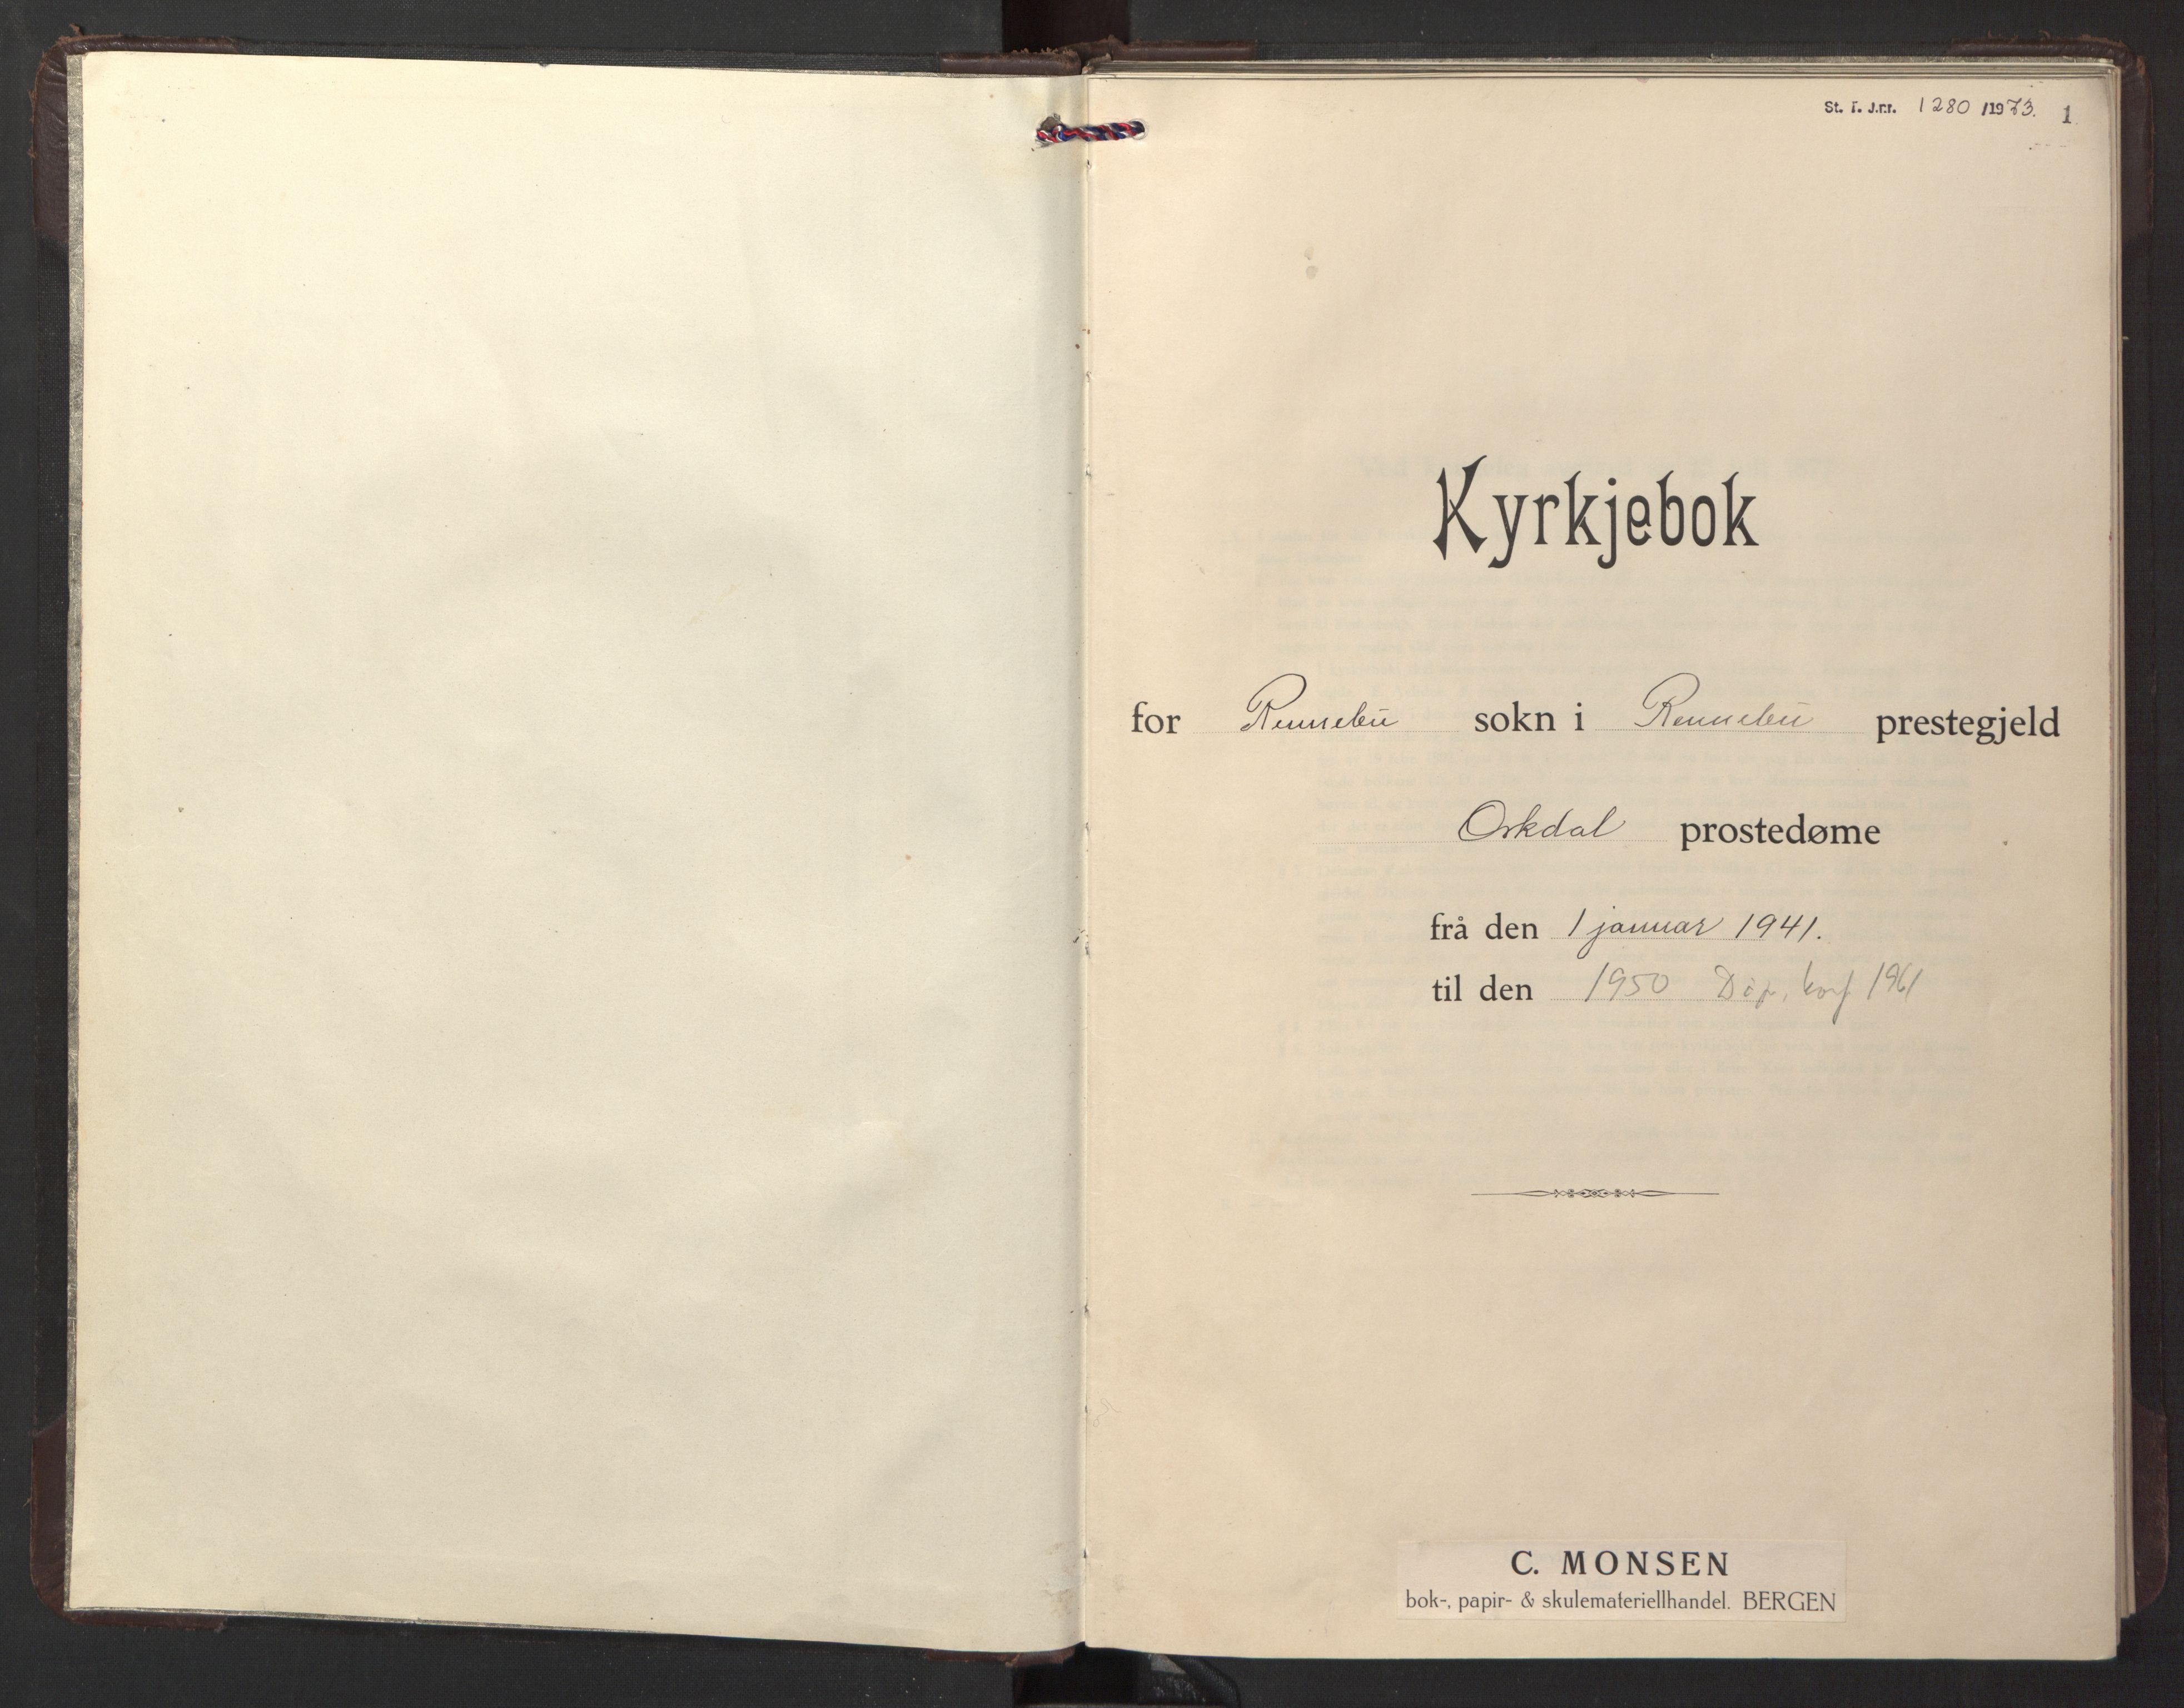 SAT, Ministerialprotokoller, klokkerbøker og fødselsregistre - Sør-Trøndelag, 674/L0878: Klokkerbok nr. 674C05, 1941-1950, s. 1